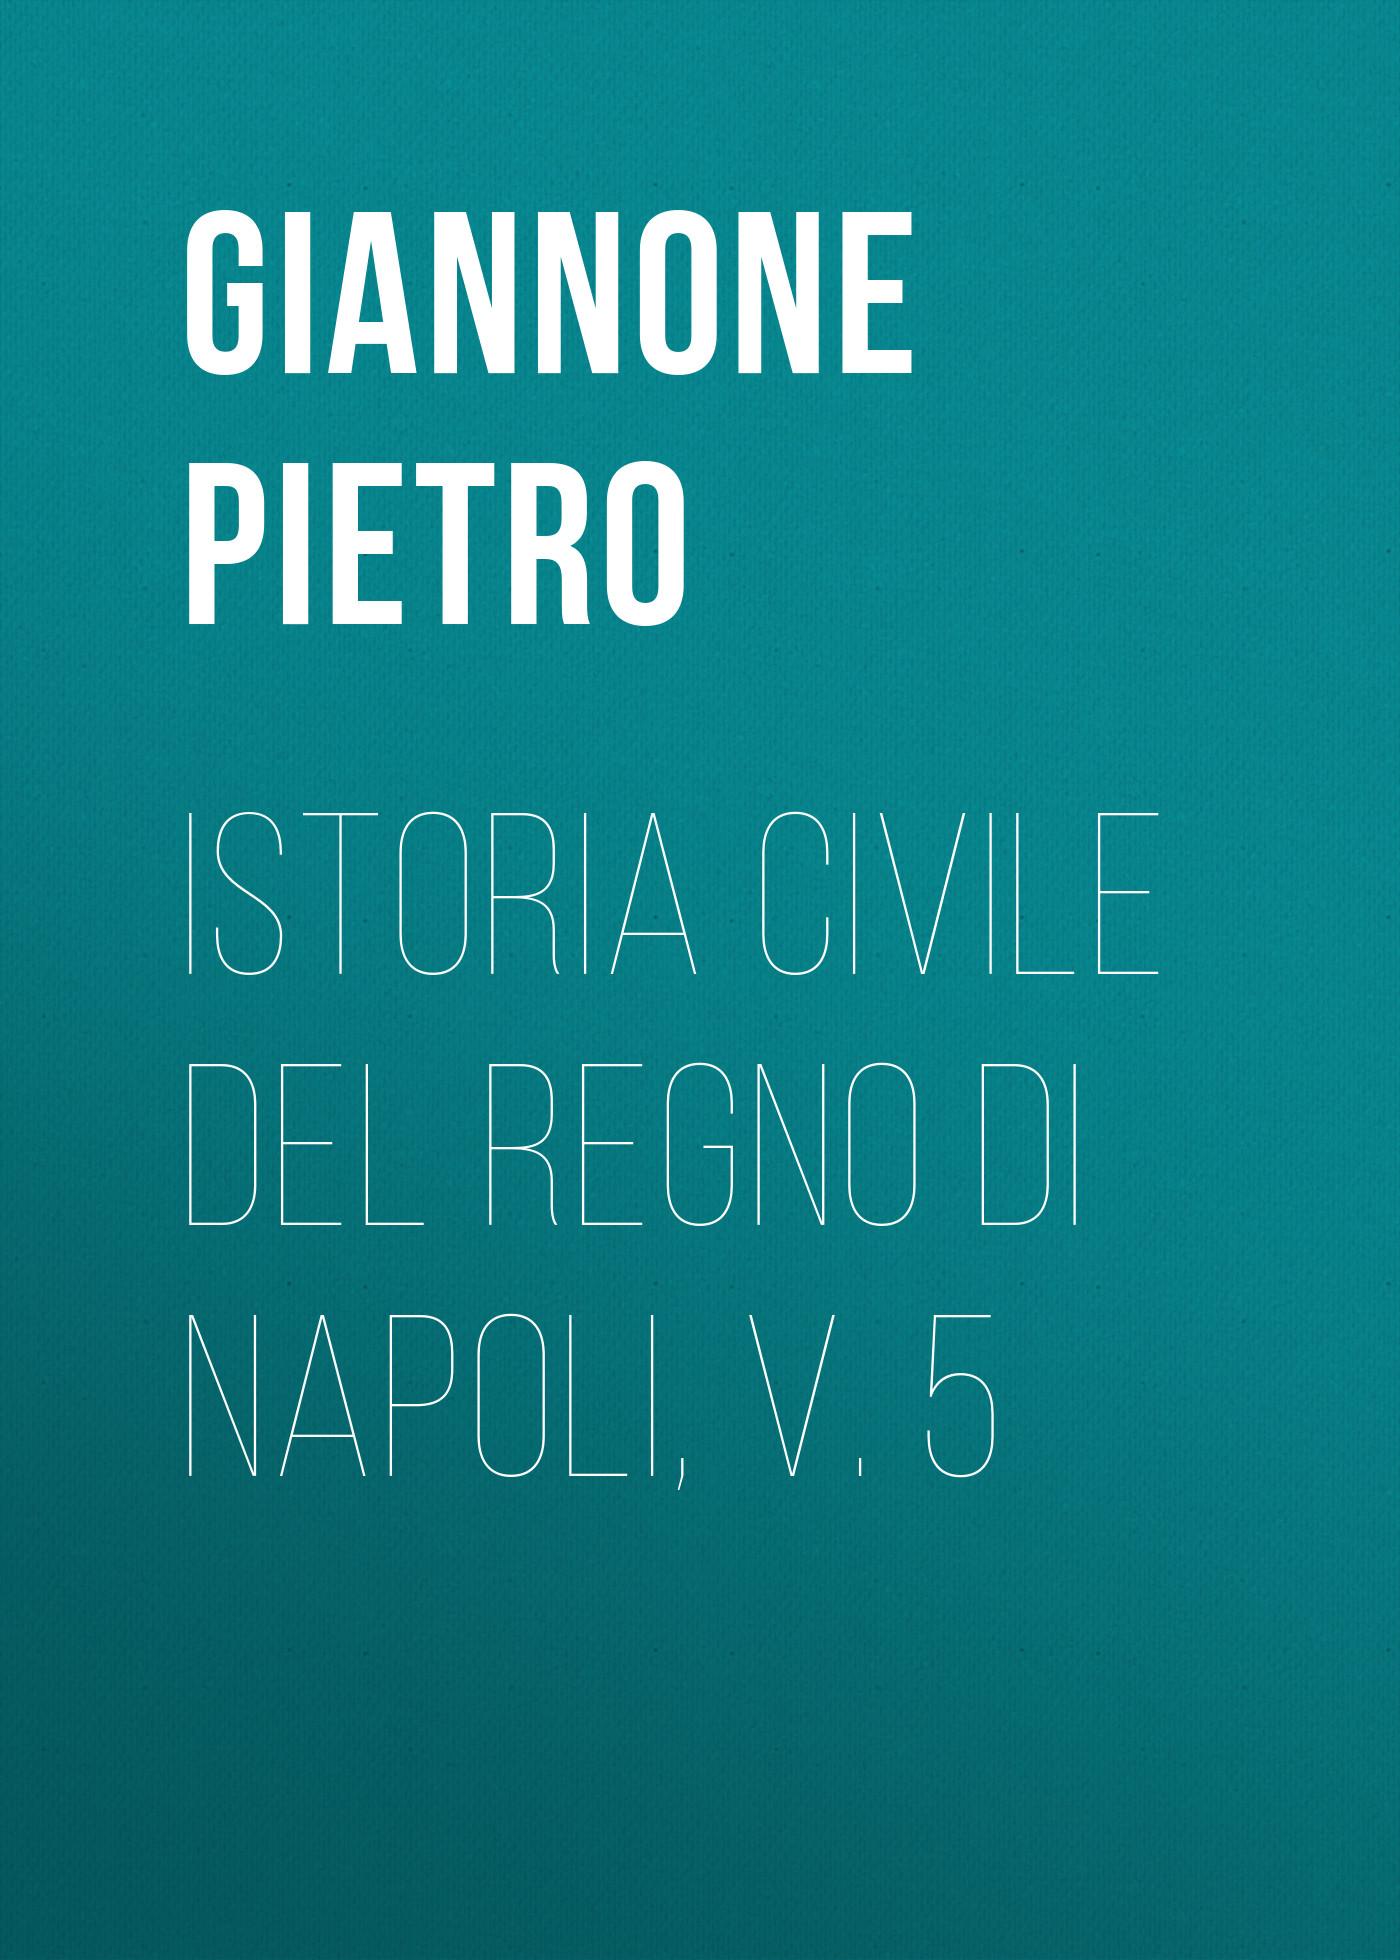 Giannone Pietro Istoria civile del Regno di Napoli, v. 5 angelo di costanza istoria del regno di napoli vol 1 classic reprint